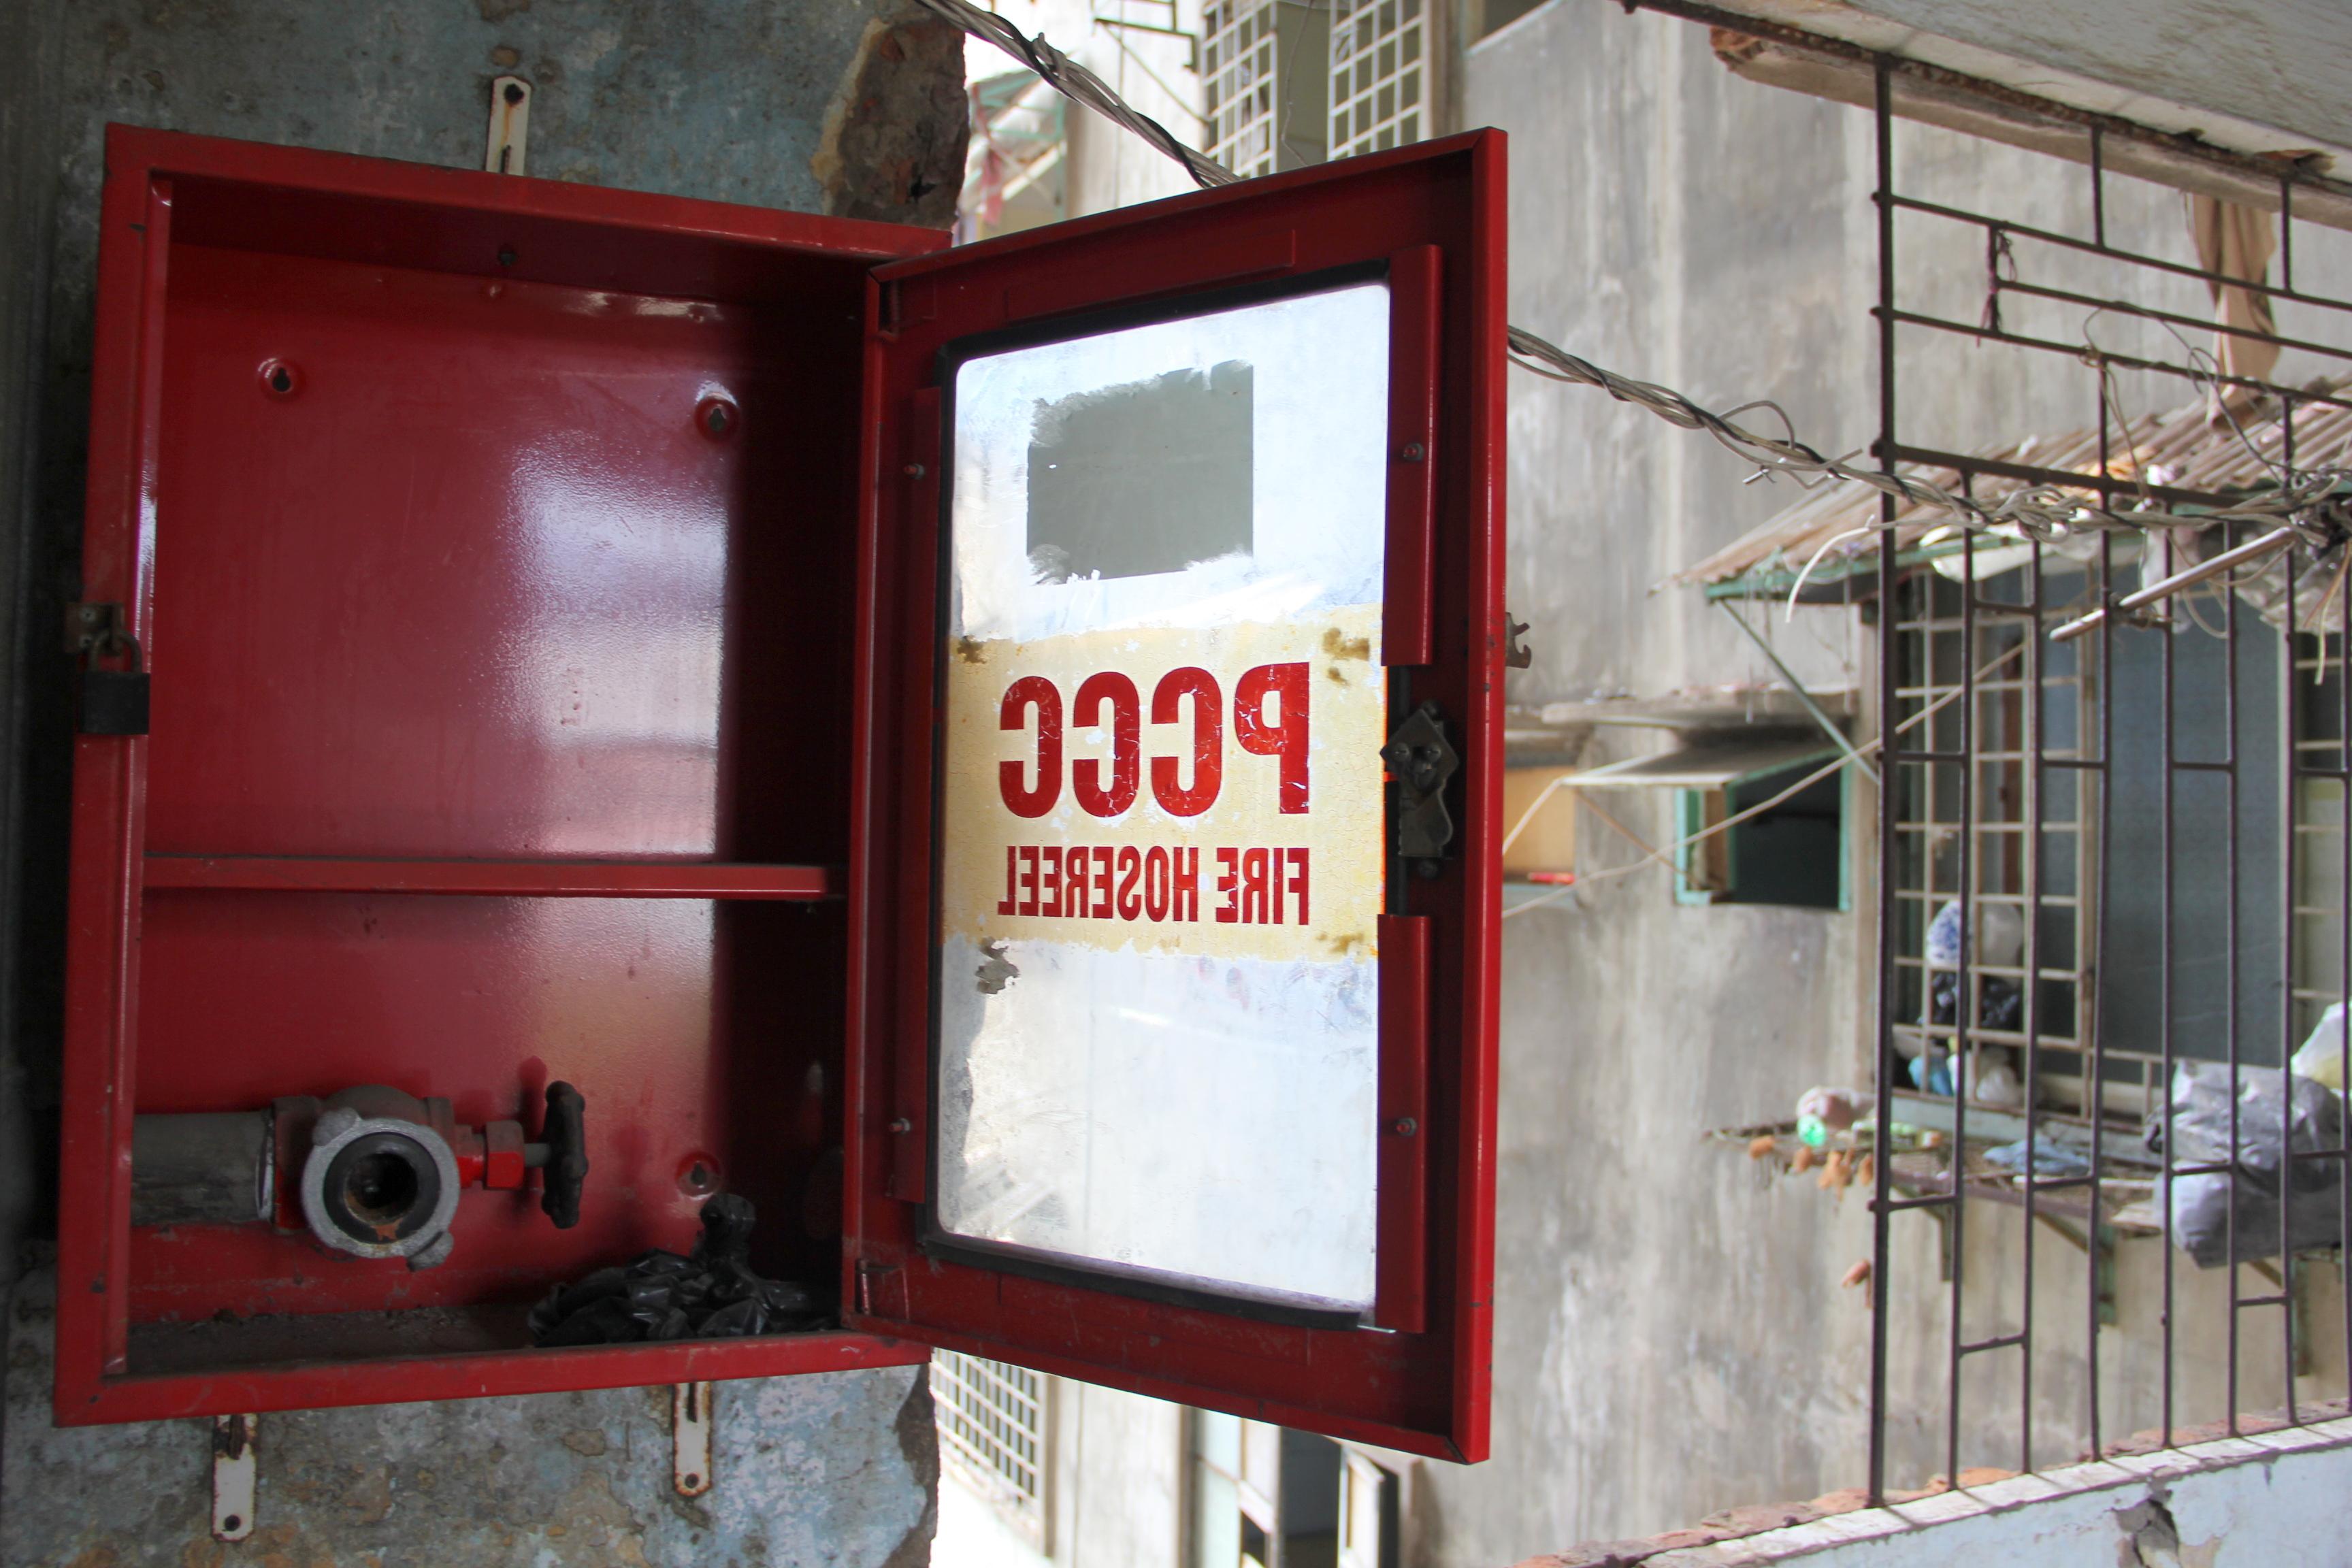 Chung cư đã bị xuống cấp nặng, không hề có công tác phòng cháy chữa cháy